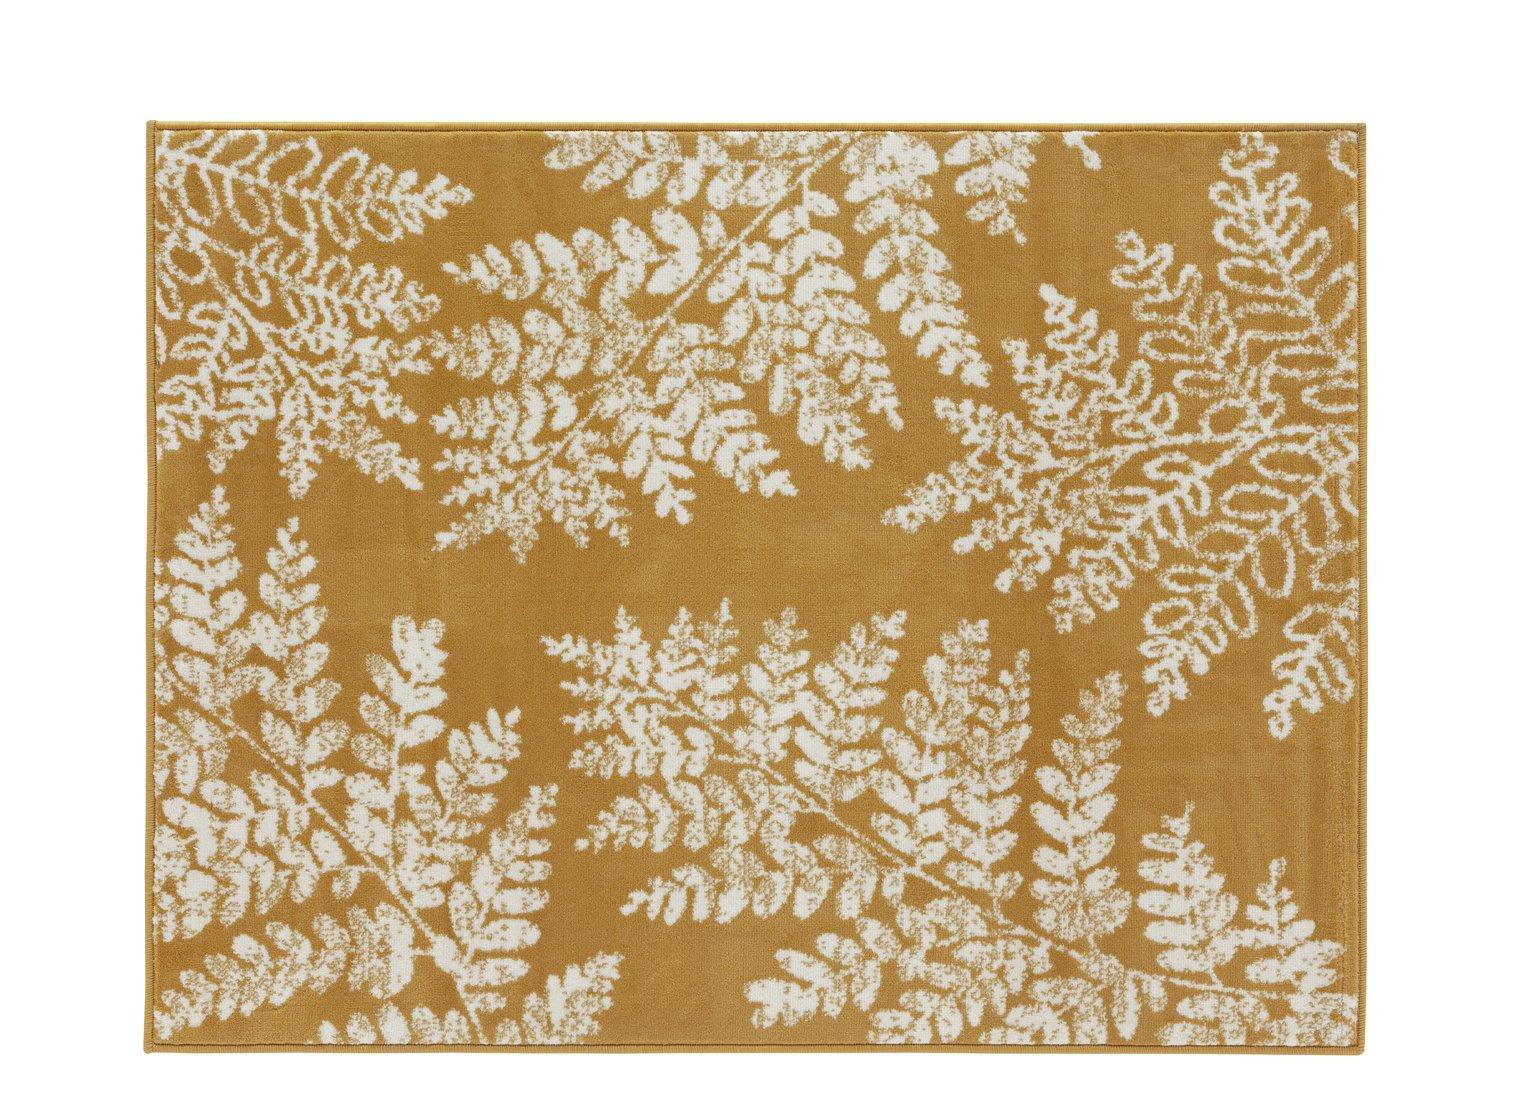 Argos Home Fern Leaf Rug - 160x120cm - Mustard